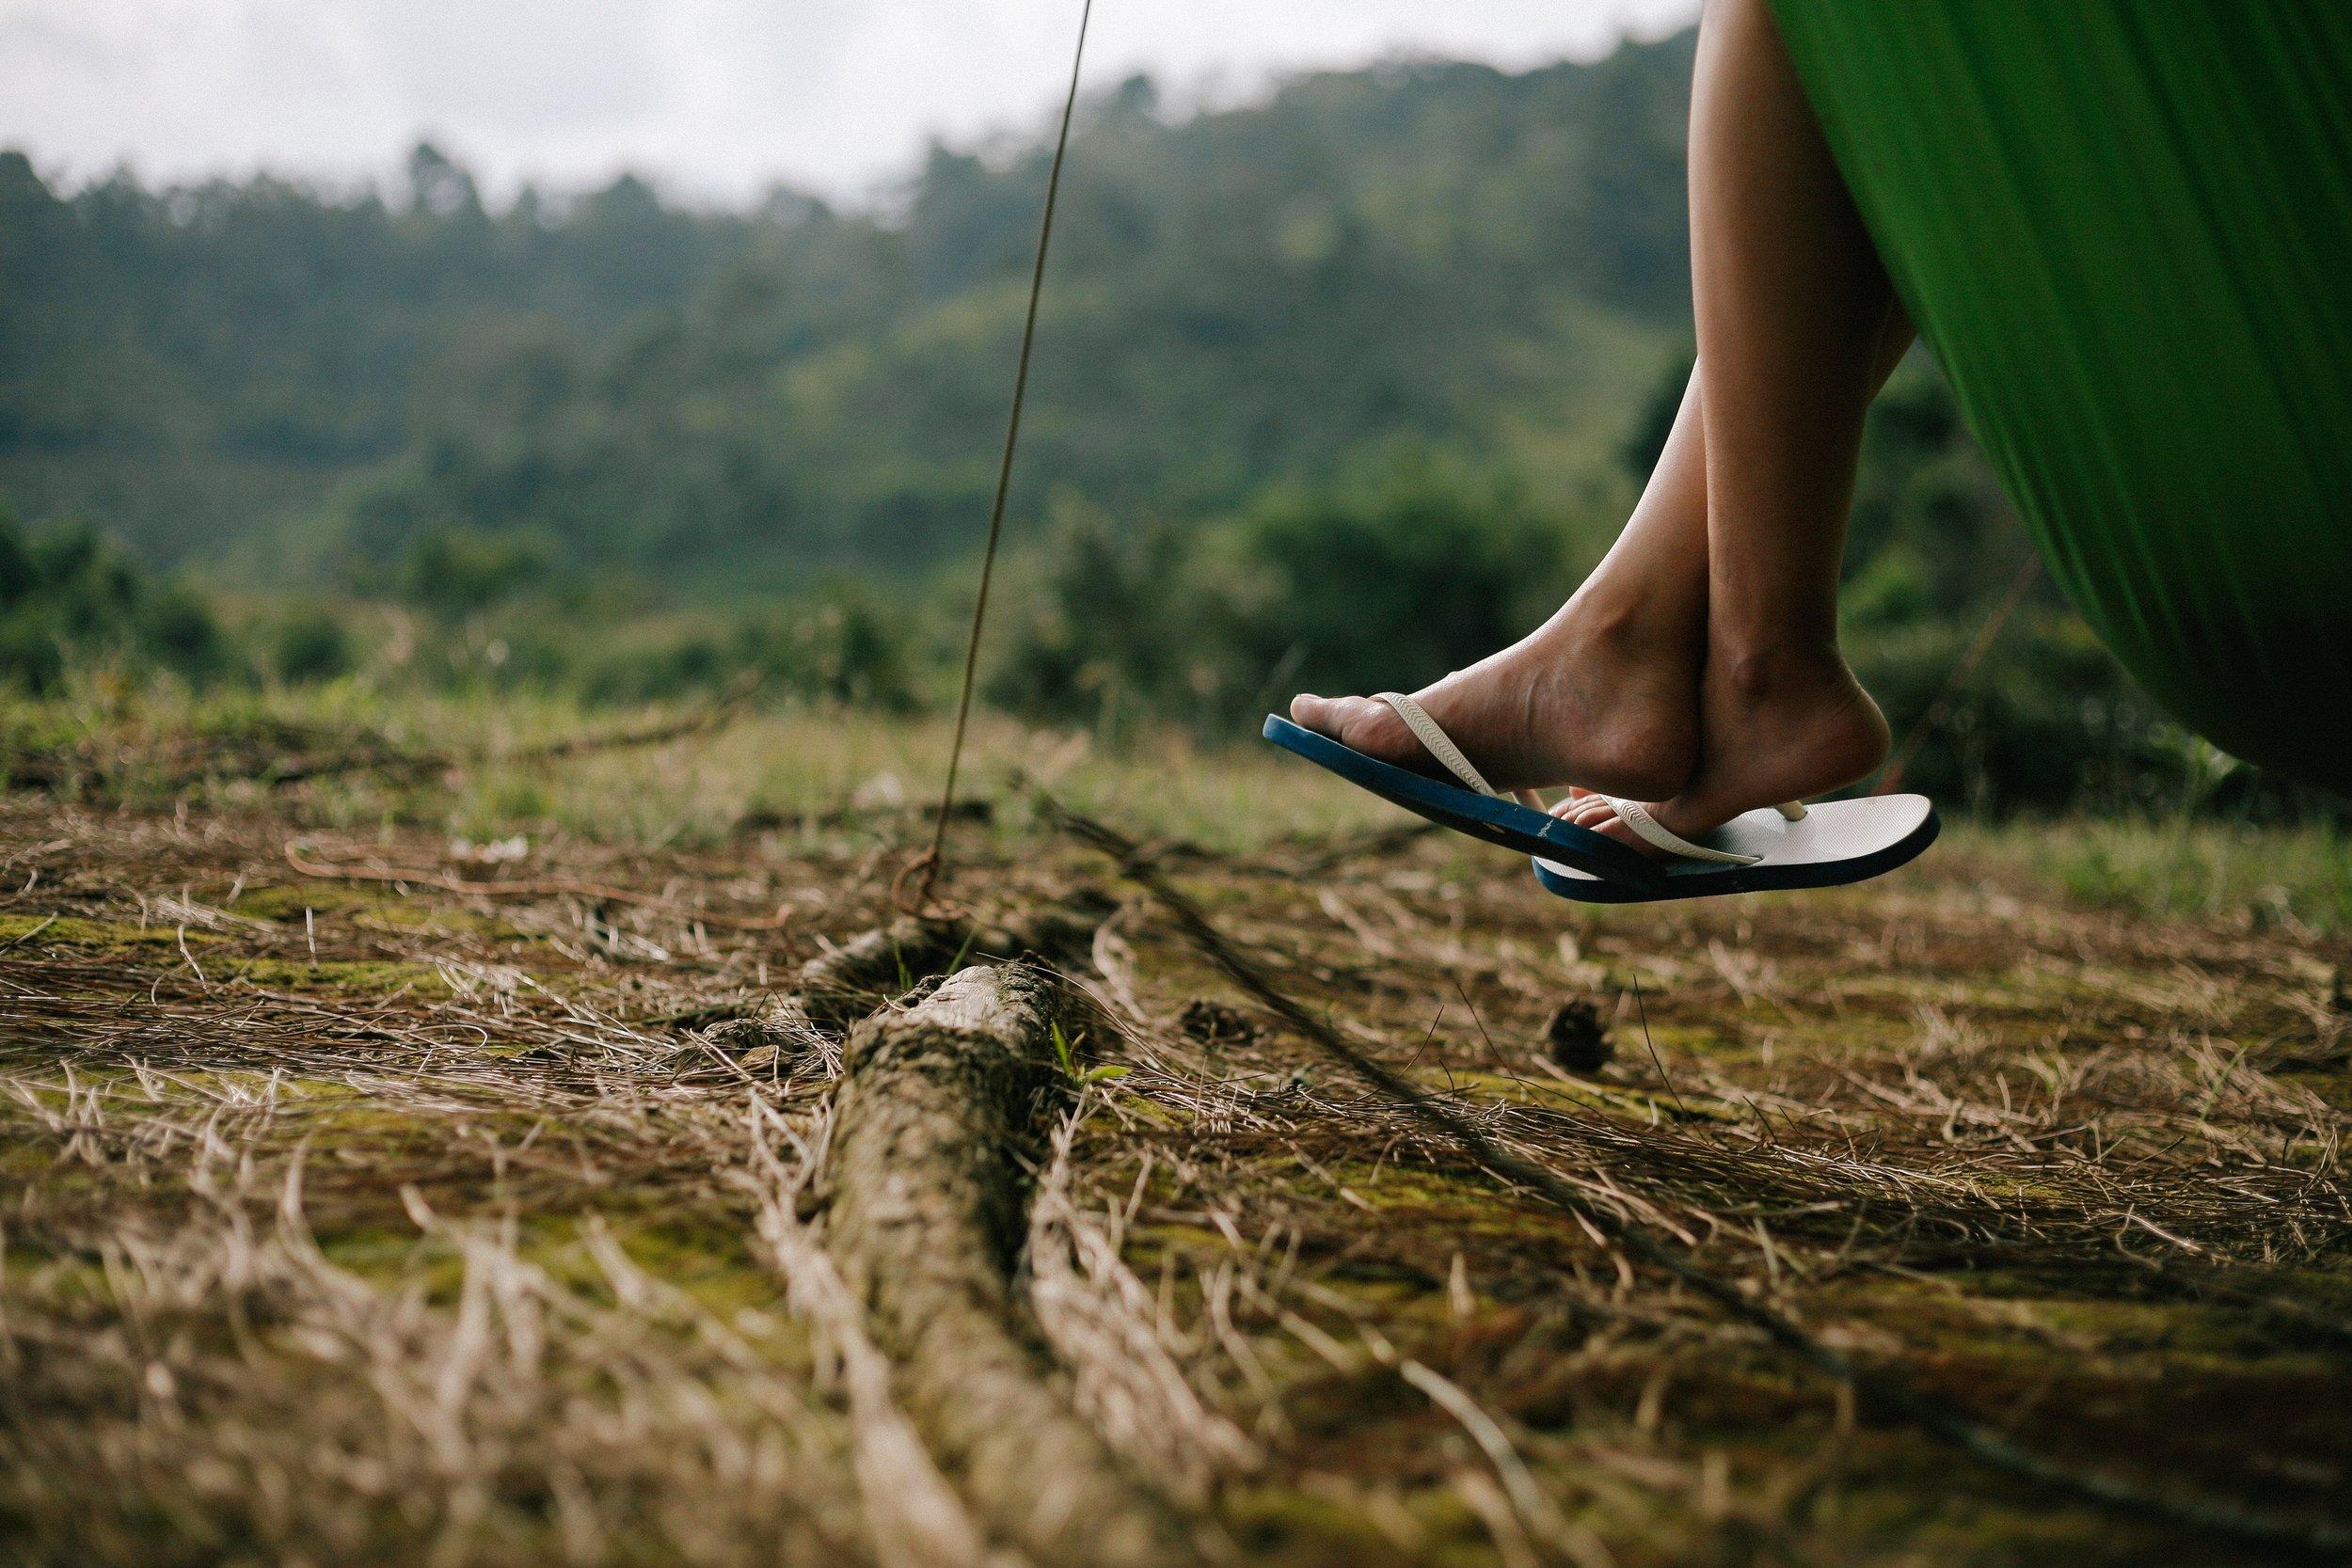 beautiful-field-flip-flops-1036403.jpg